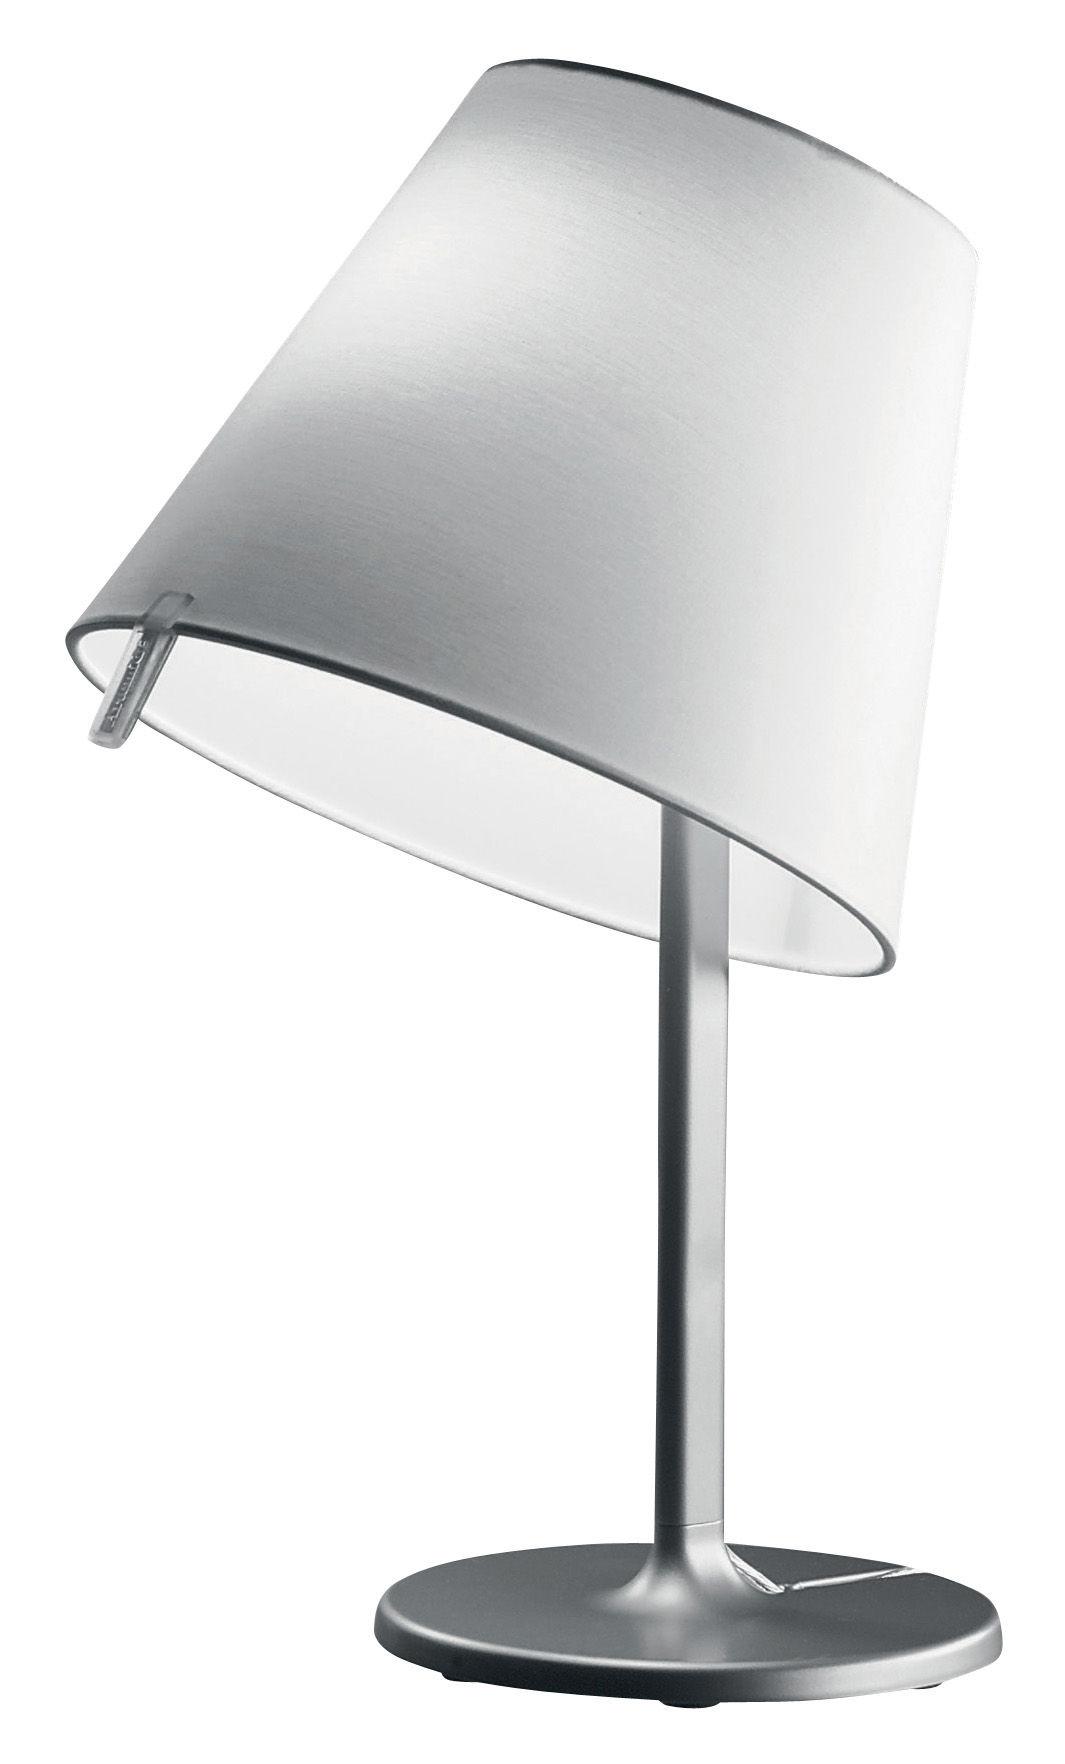 lampe de table melampo notte h 42 cm gris aluminium artemide. Black Bedroom Furniture Sets. Home Design Ideas